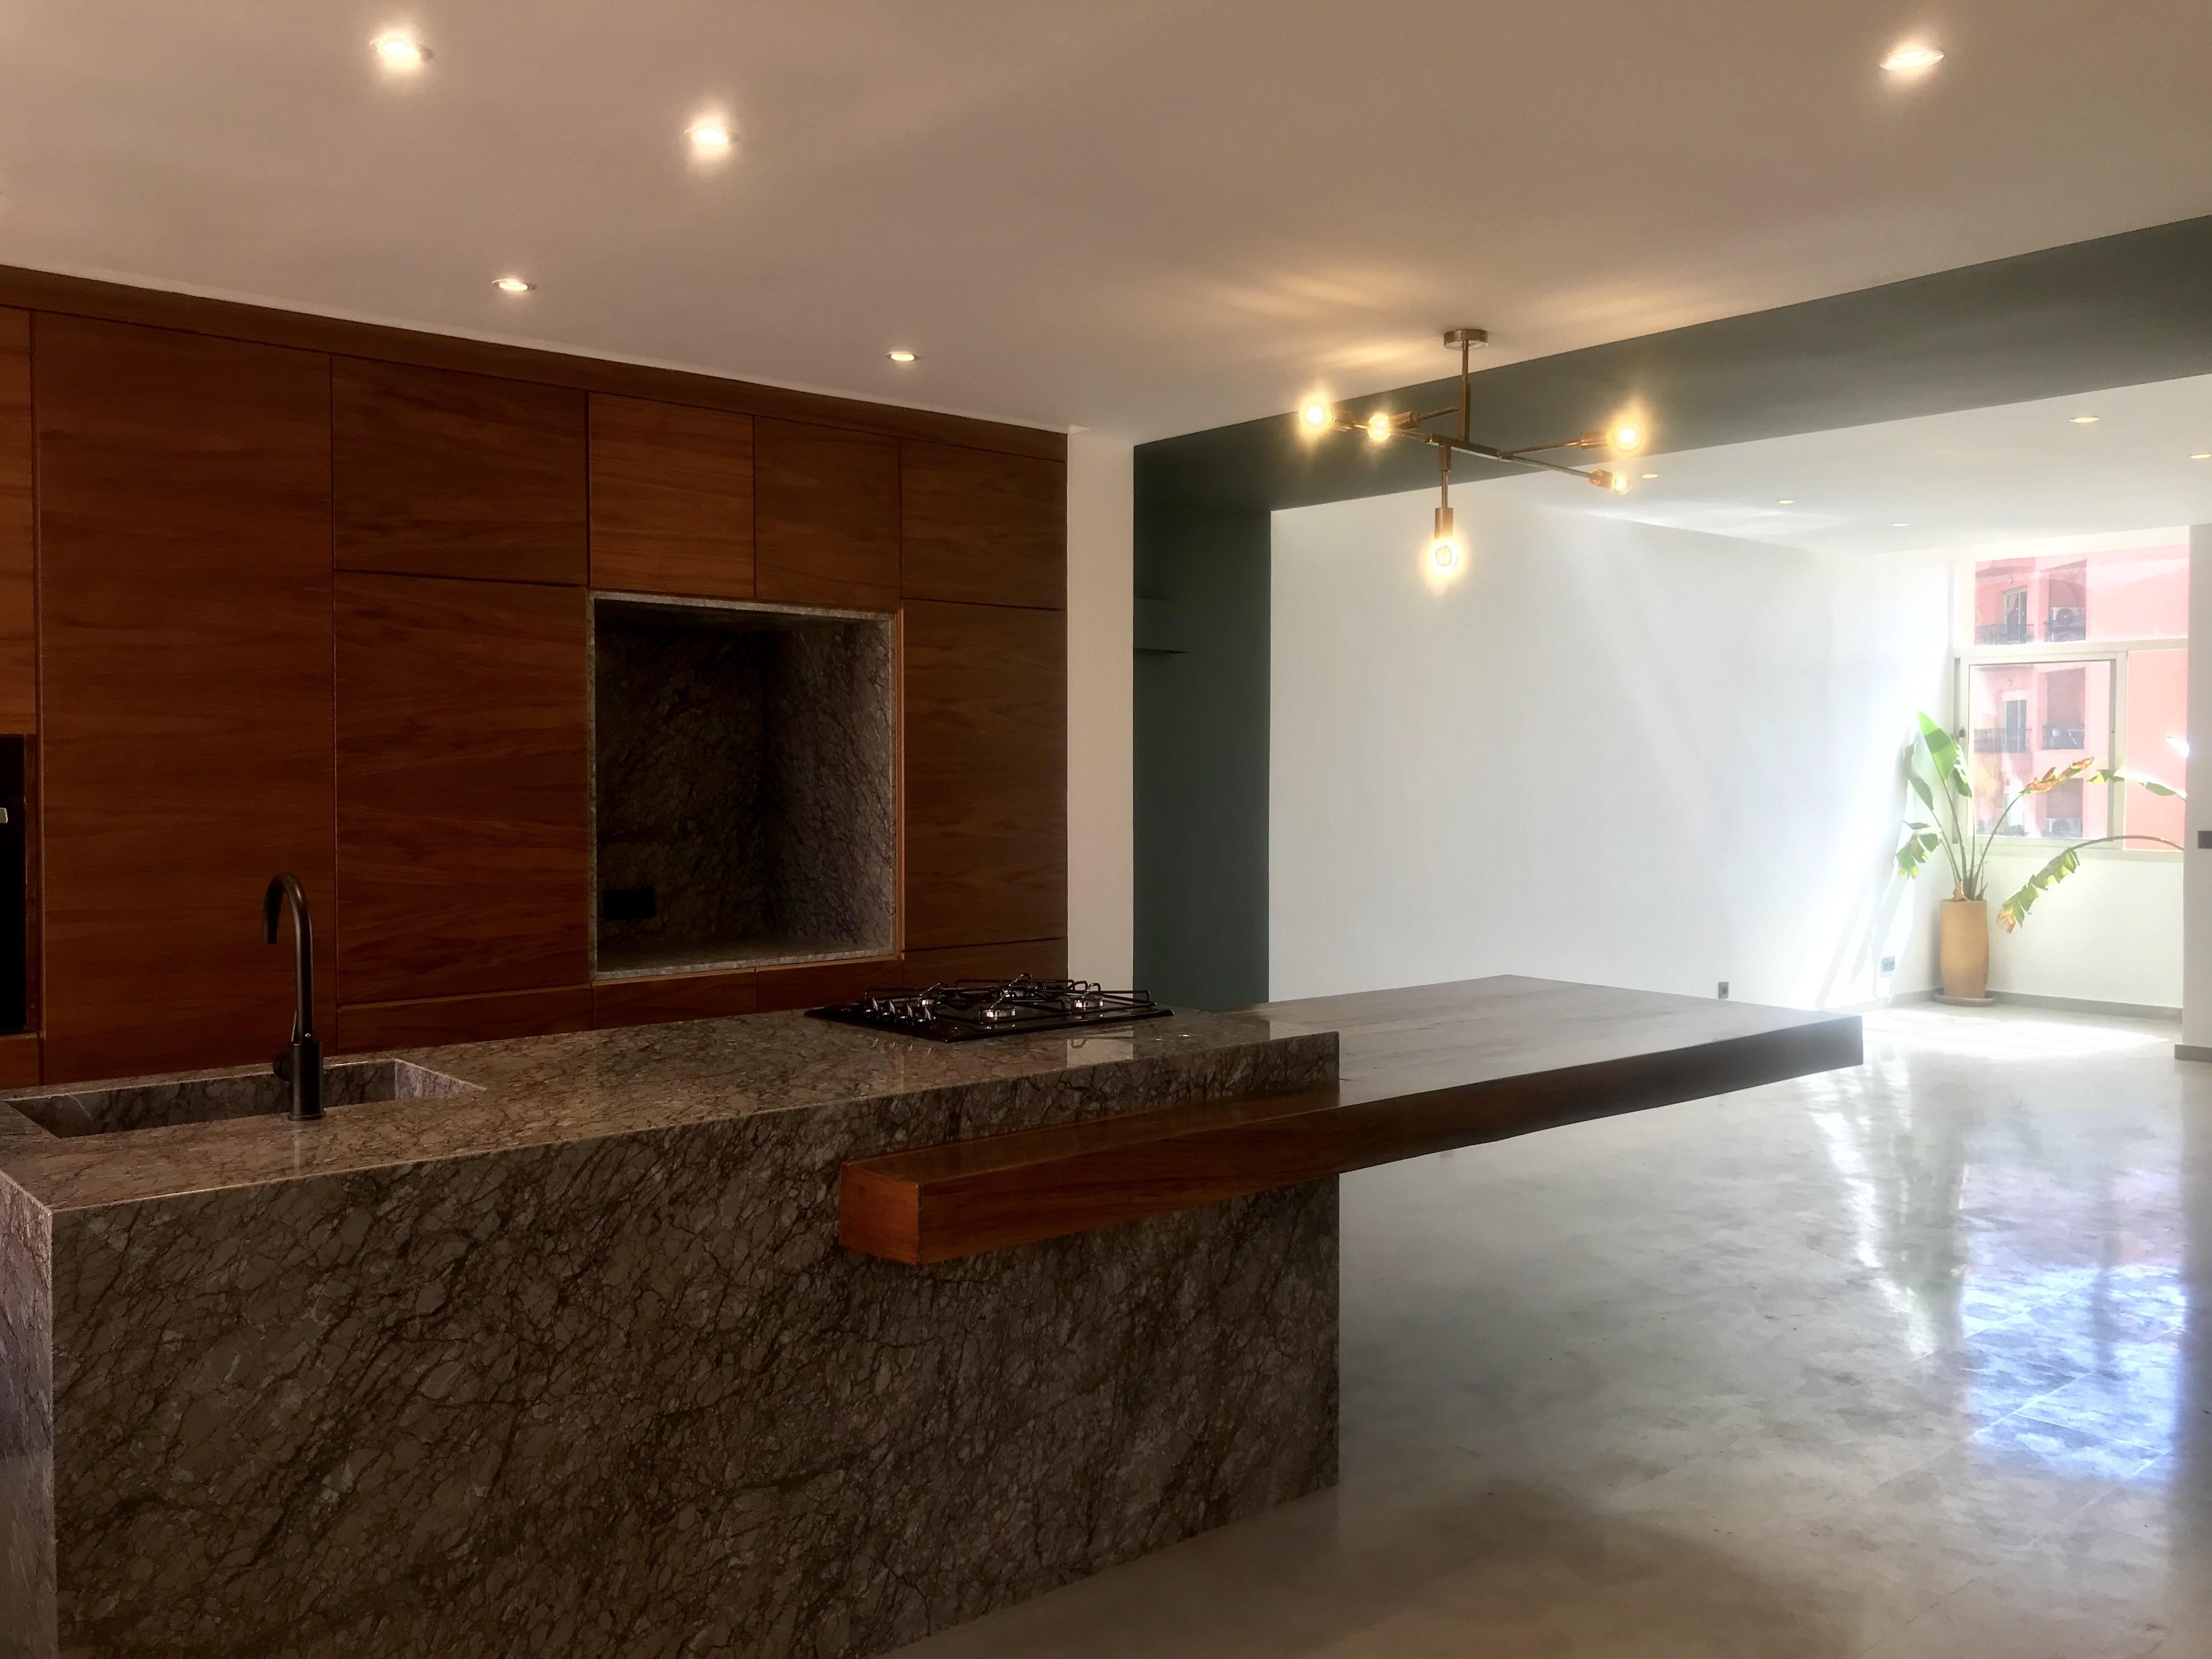 Vente <strong>Appartement</strong> Marrakech Majorelle <strong>95 m2</strong>